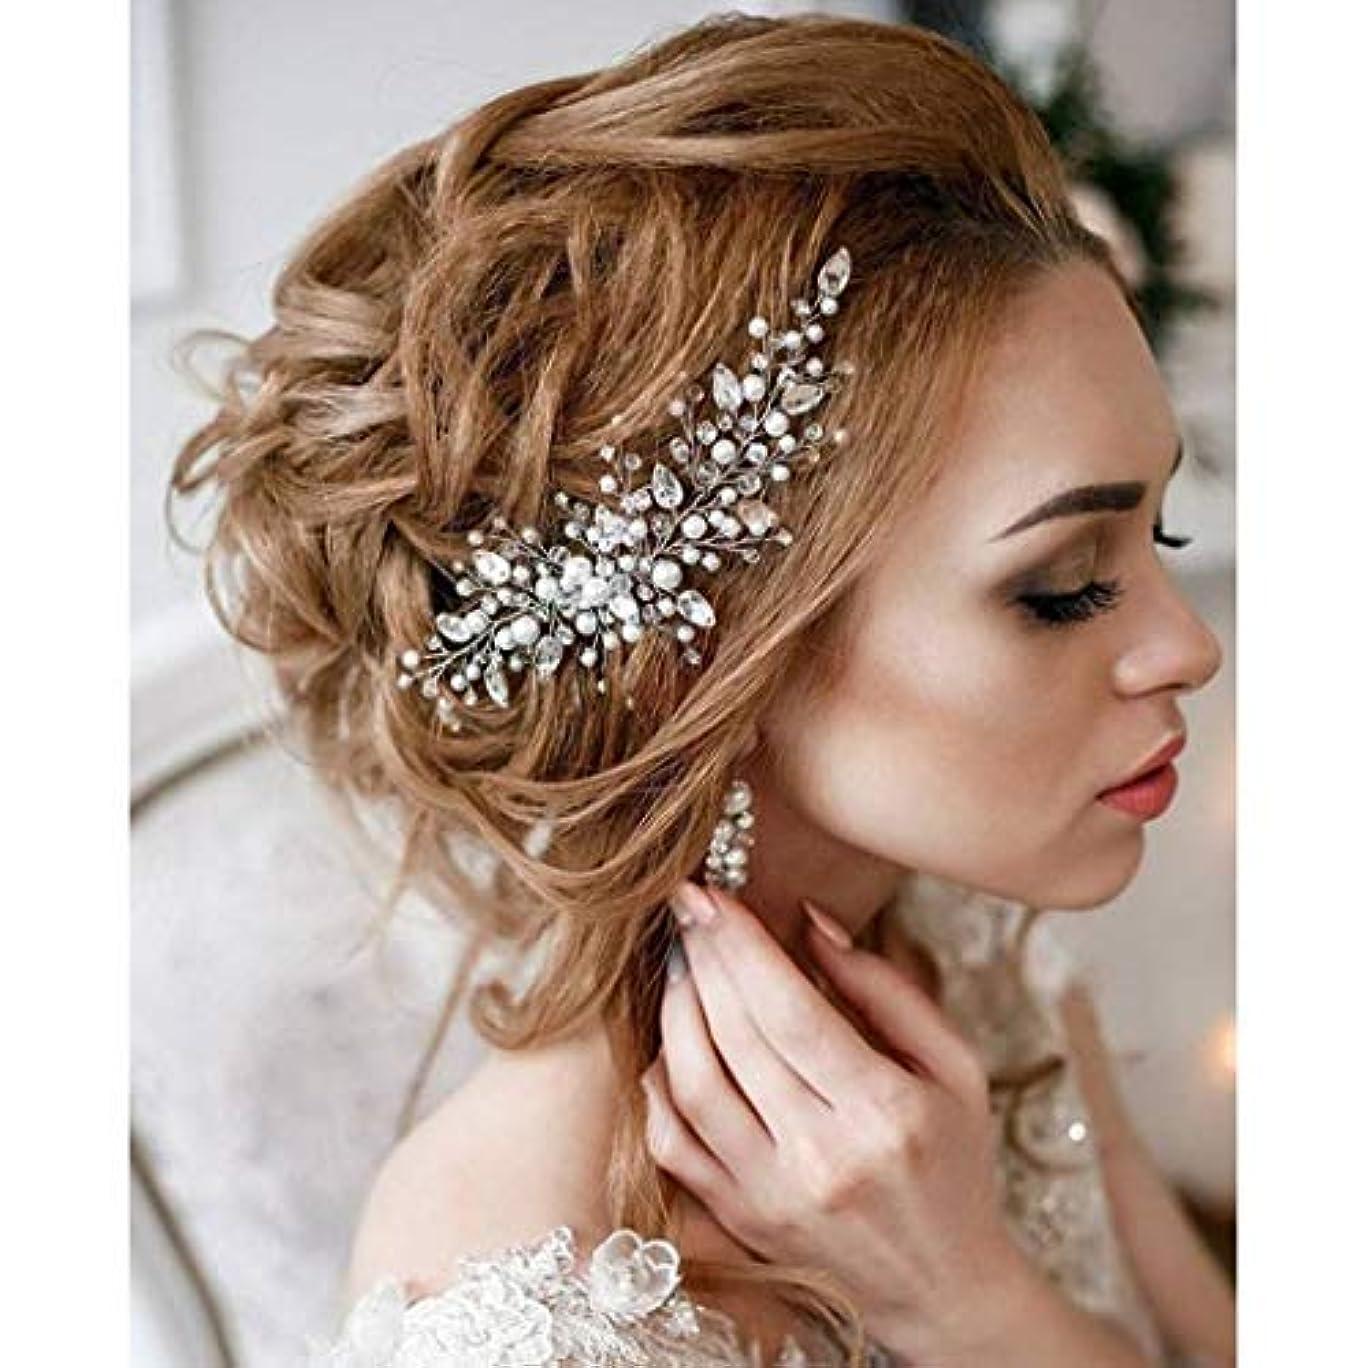 作者素晴らしさ居眠りするAukmla Bride Wedding Hair Combs Bridal Hair Accessories Decorative for Brides and Bridesmaids [並行輸入品]